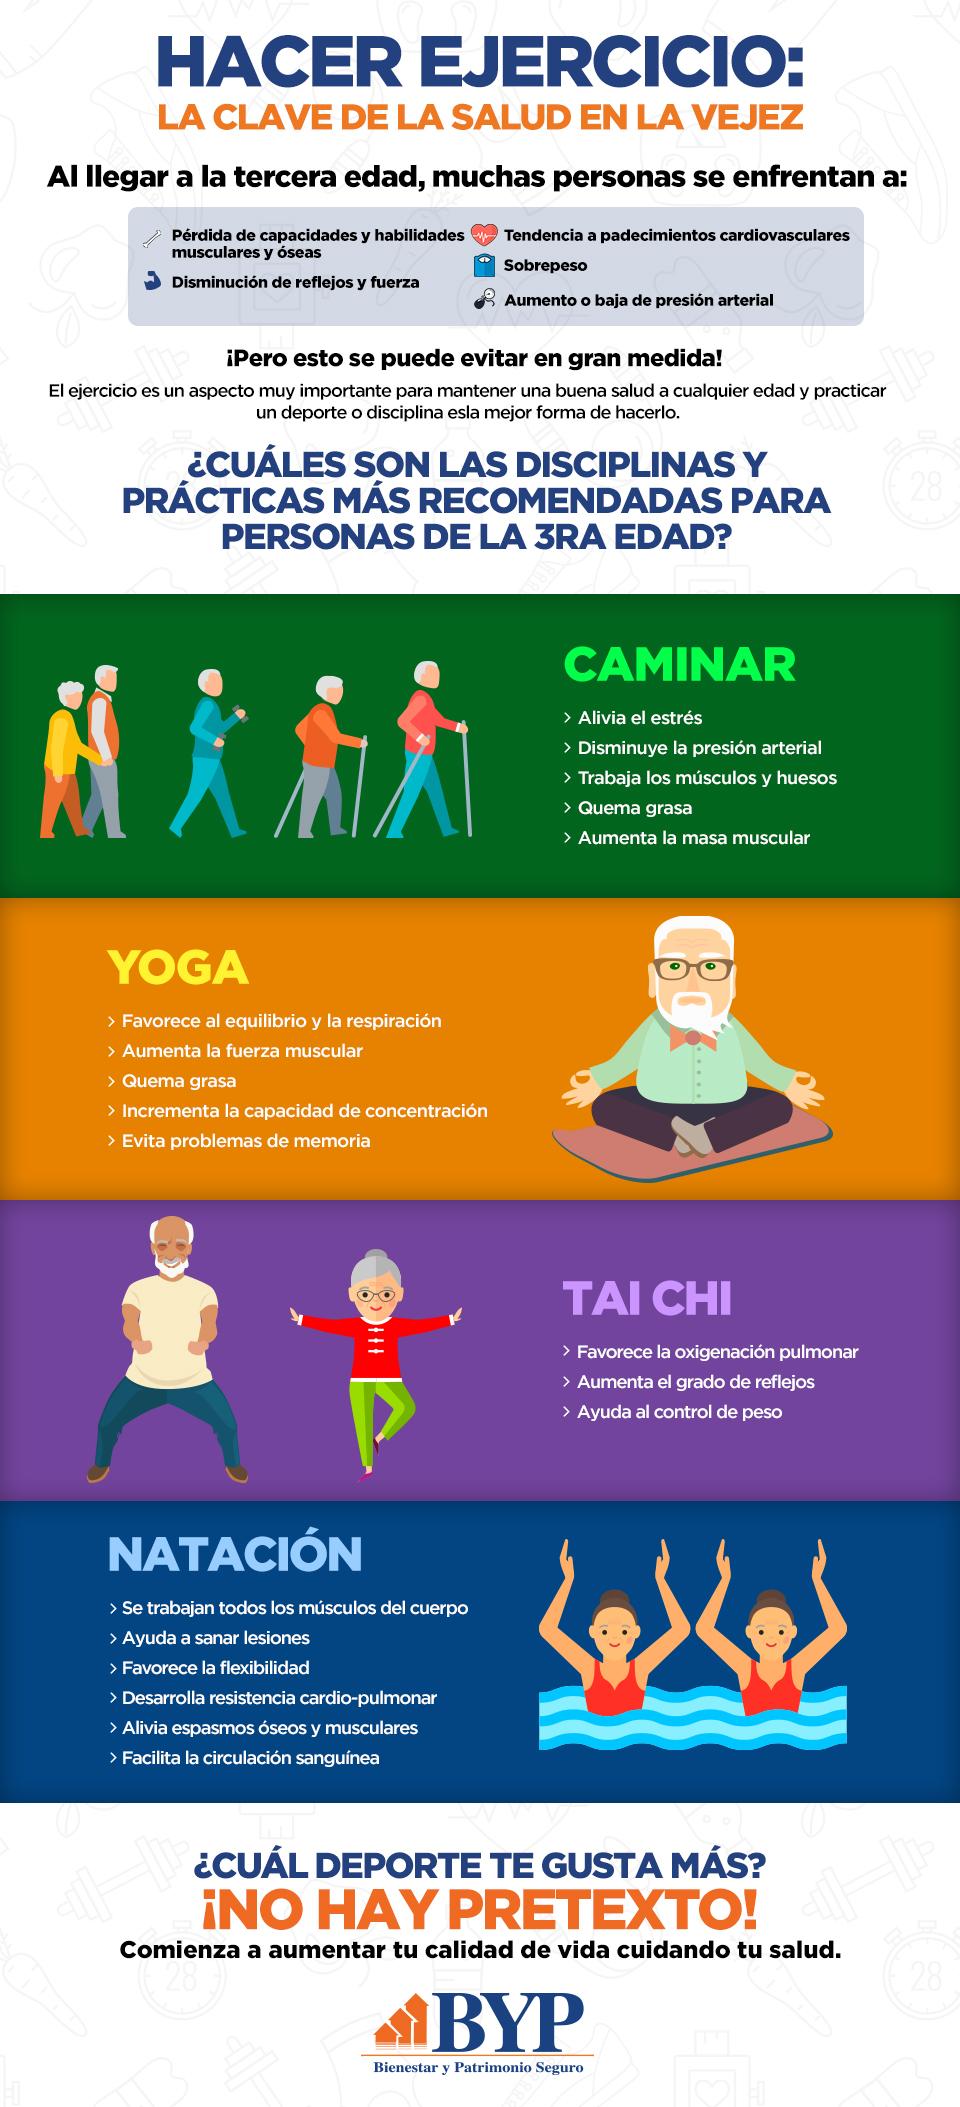 ejercicio en la vejez